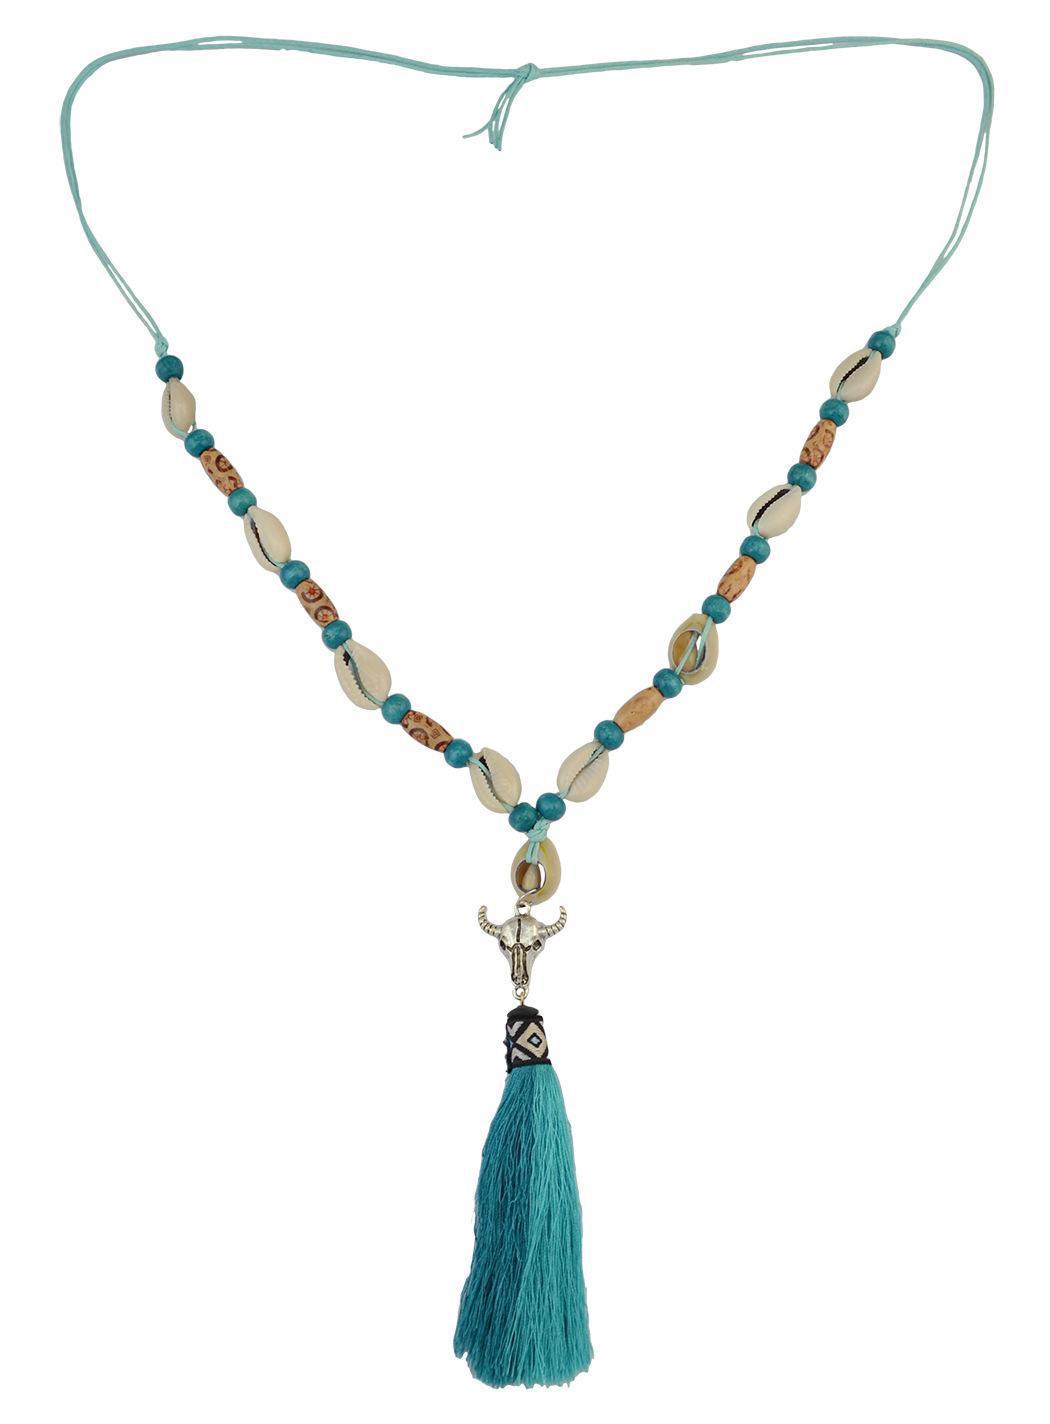 colar de contas boêmio projeta mulheres com chifre colar de contas feitas à mão desenhos de jóias com colar de contas de borla